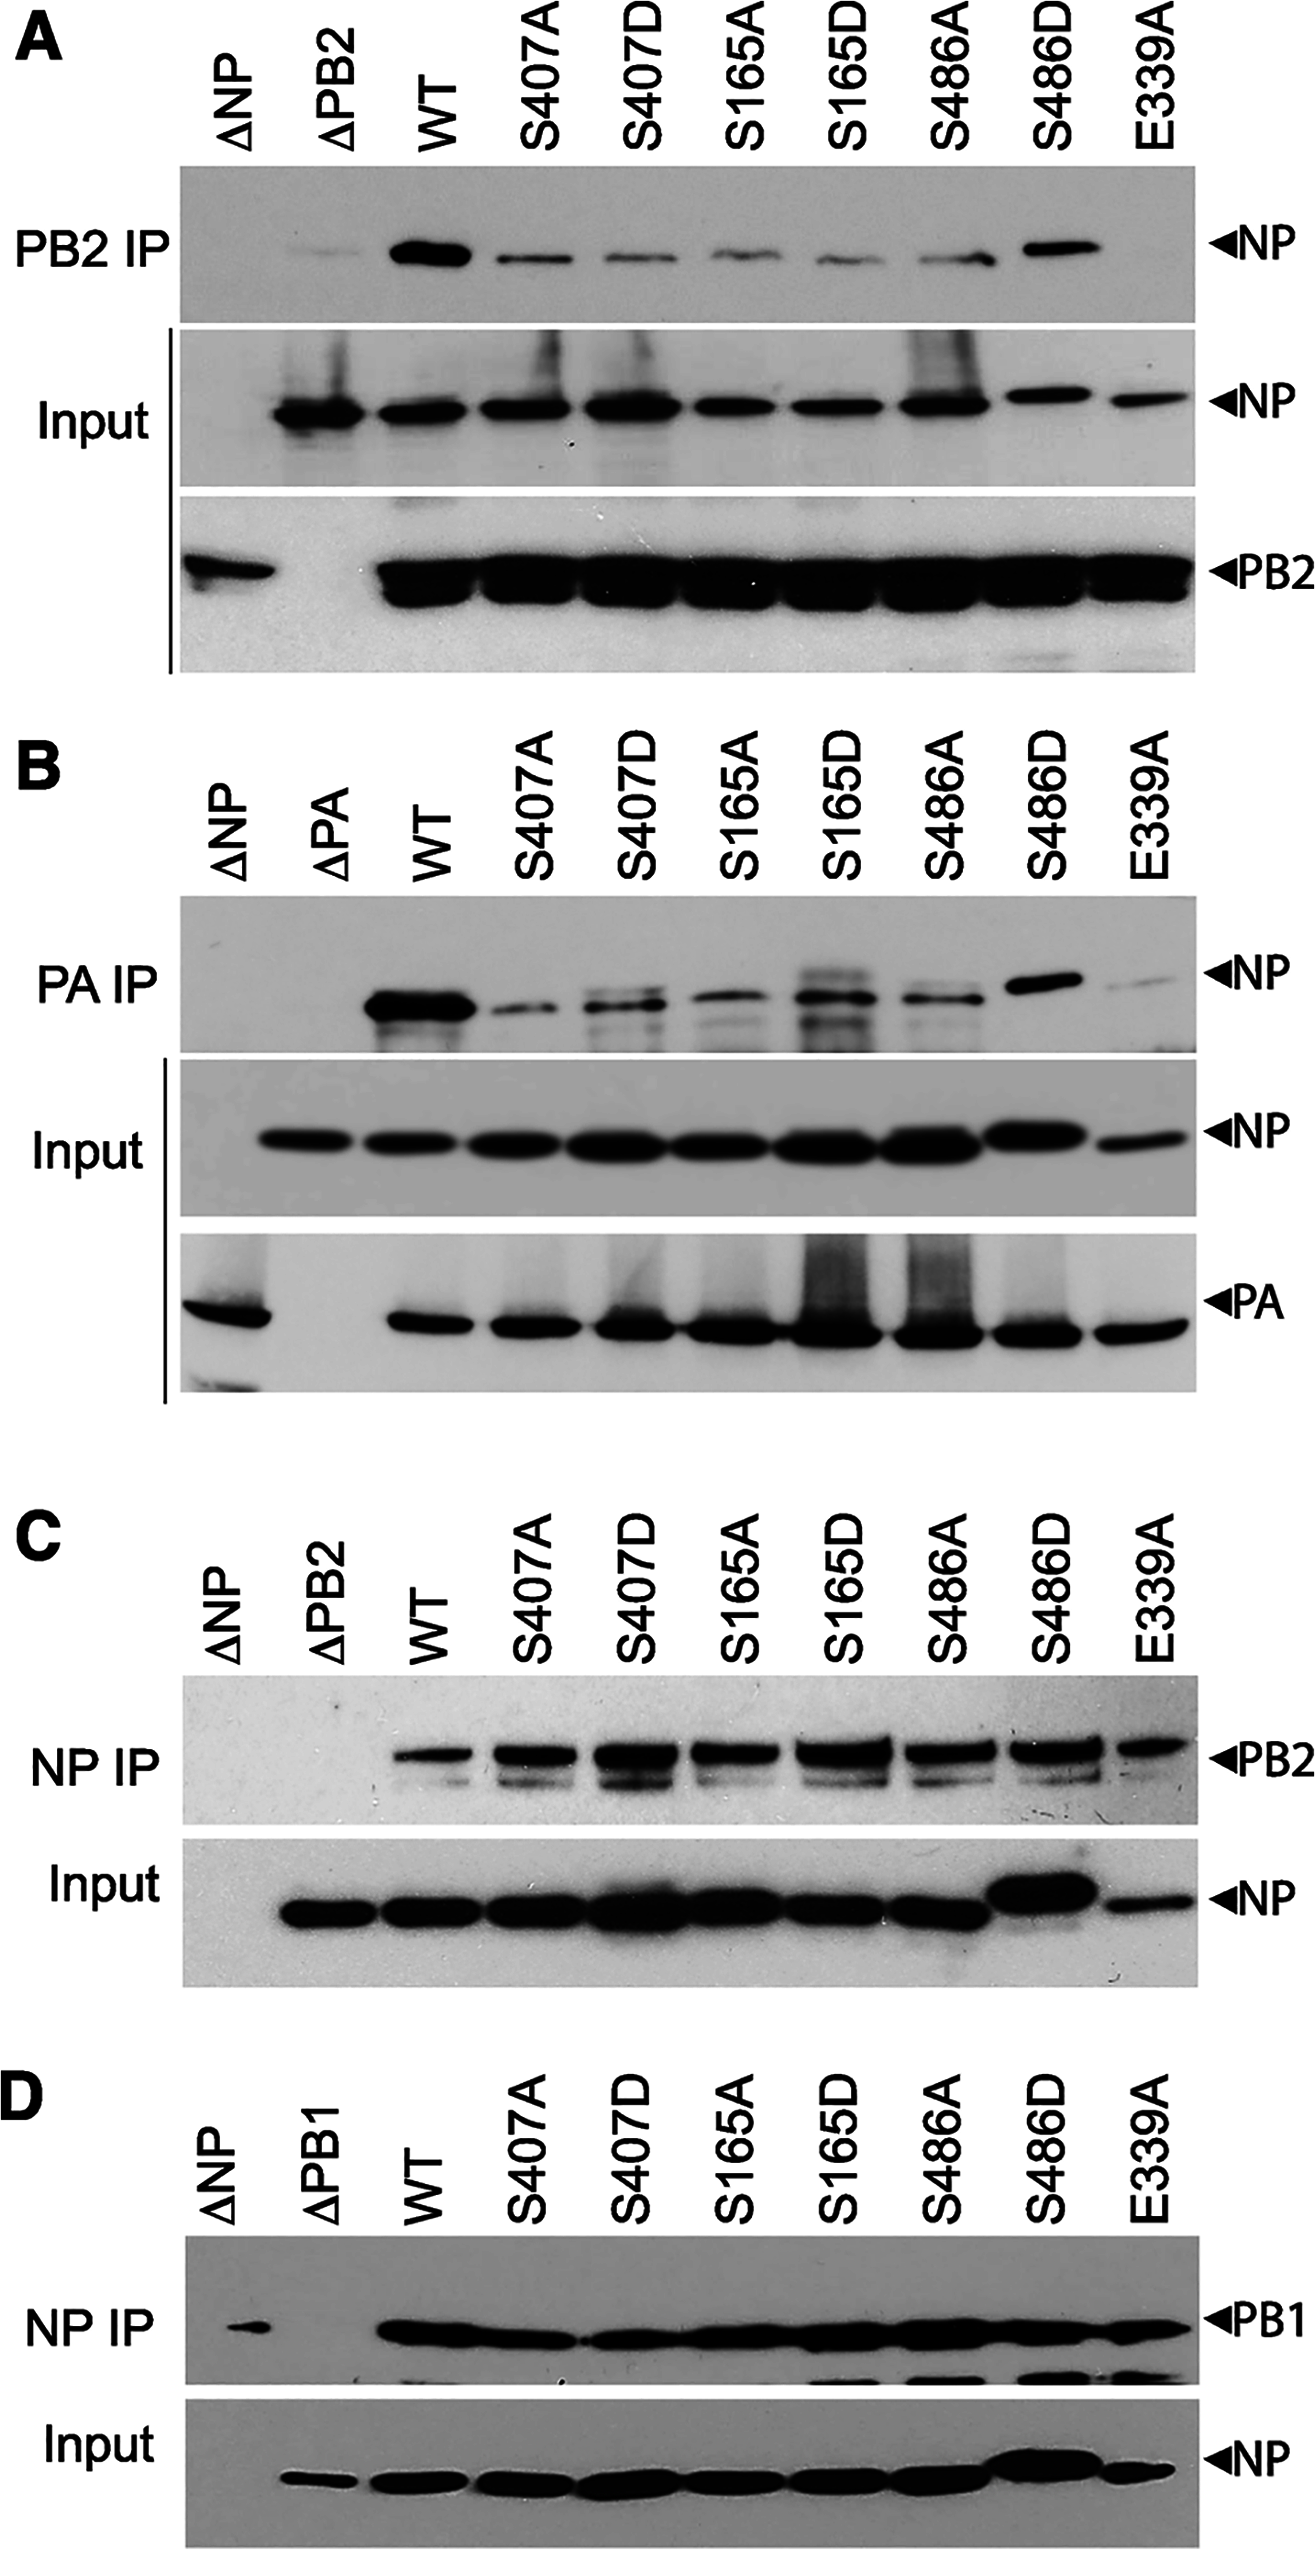 NP phospho-mutants disrupt RNP formation.